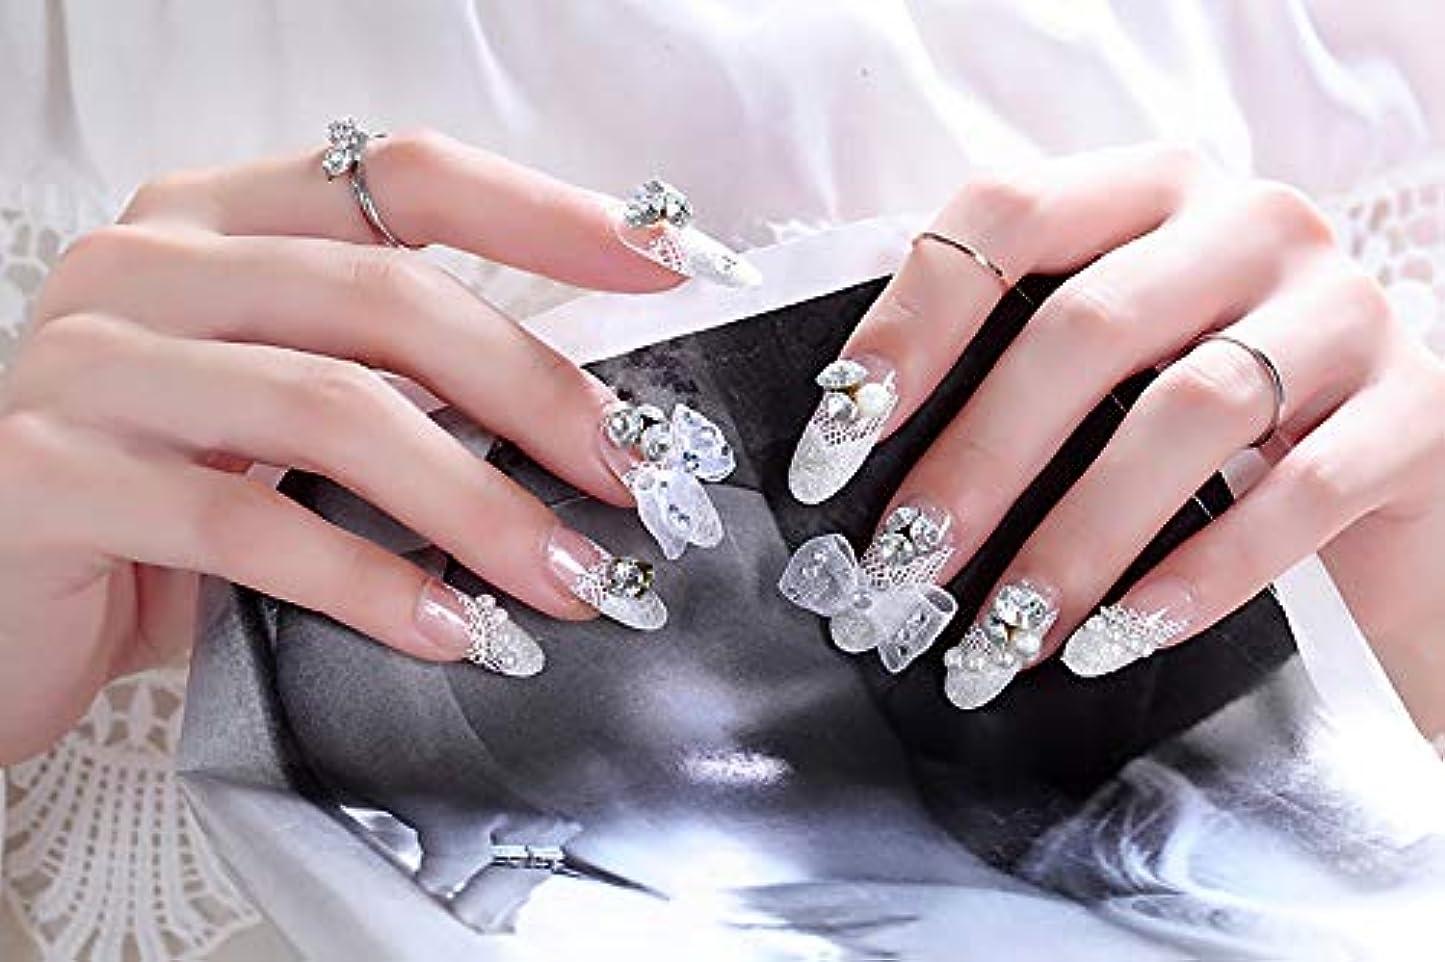 薄い白鳥広大な24PCS ネイル花嫁 结婚する 長い偽の爪 ストーン?ビジュー 可愛い優雅ネイル (ホワイト)